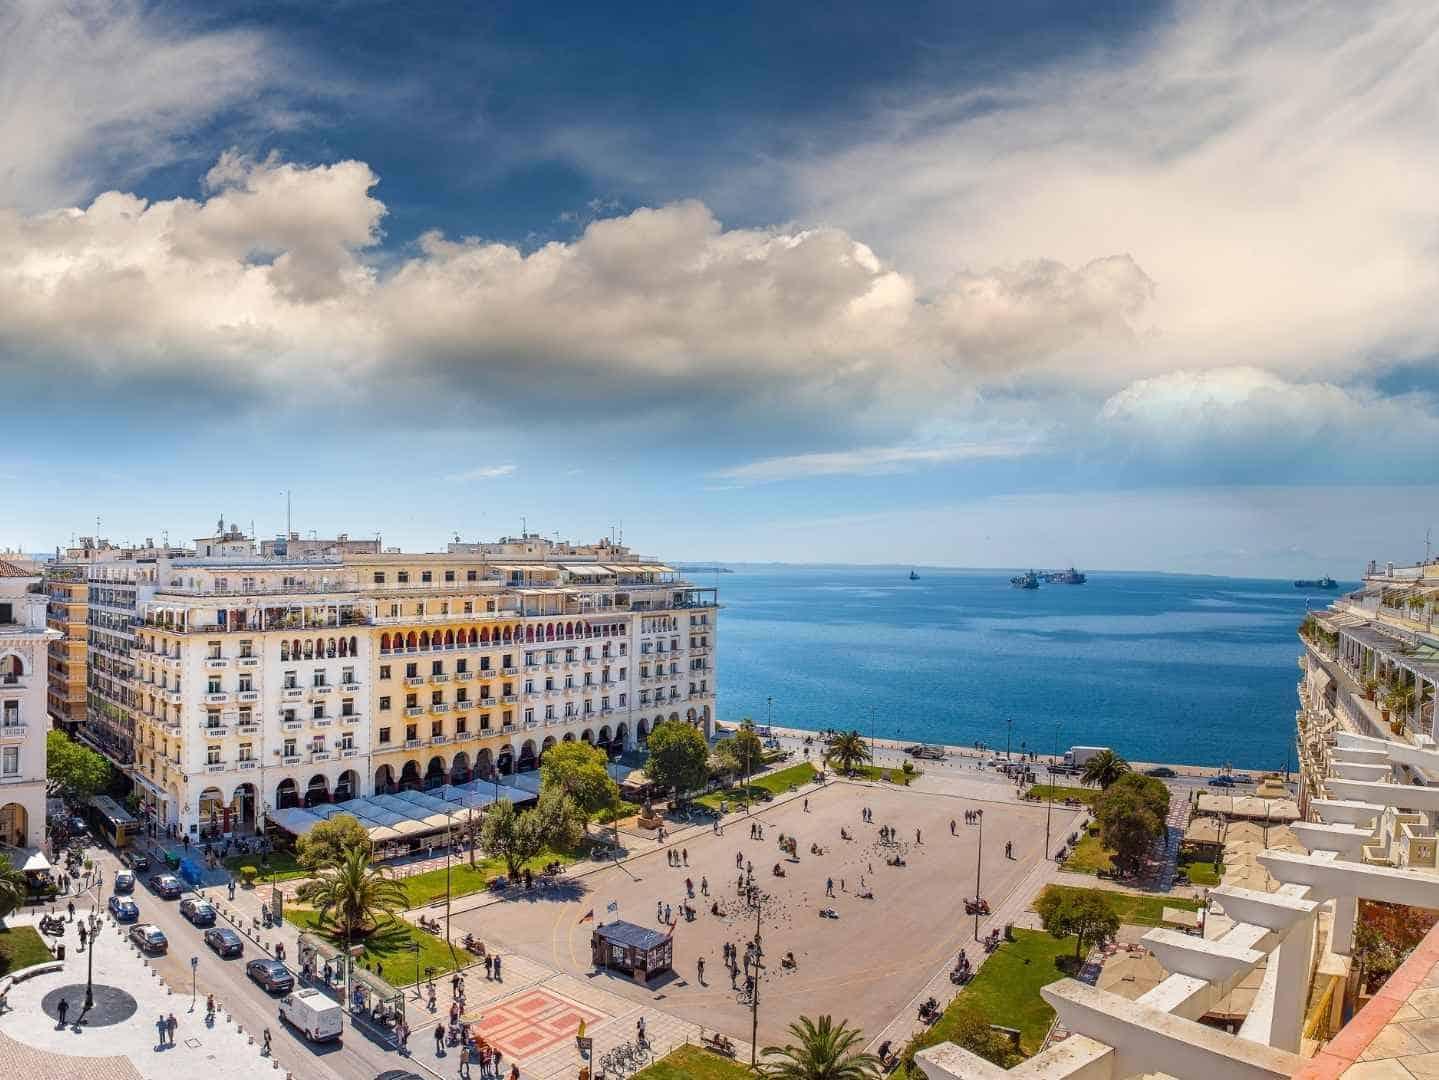 כיכר אריסטוטלוס, מהגג של מלון אלקטרה פאלאס